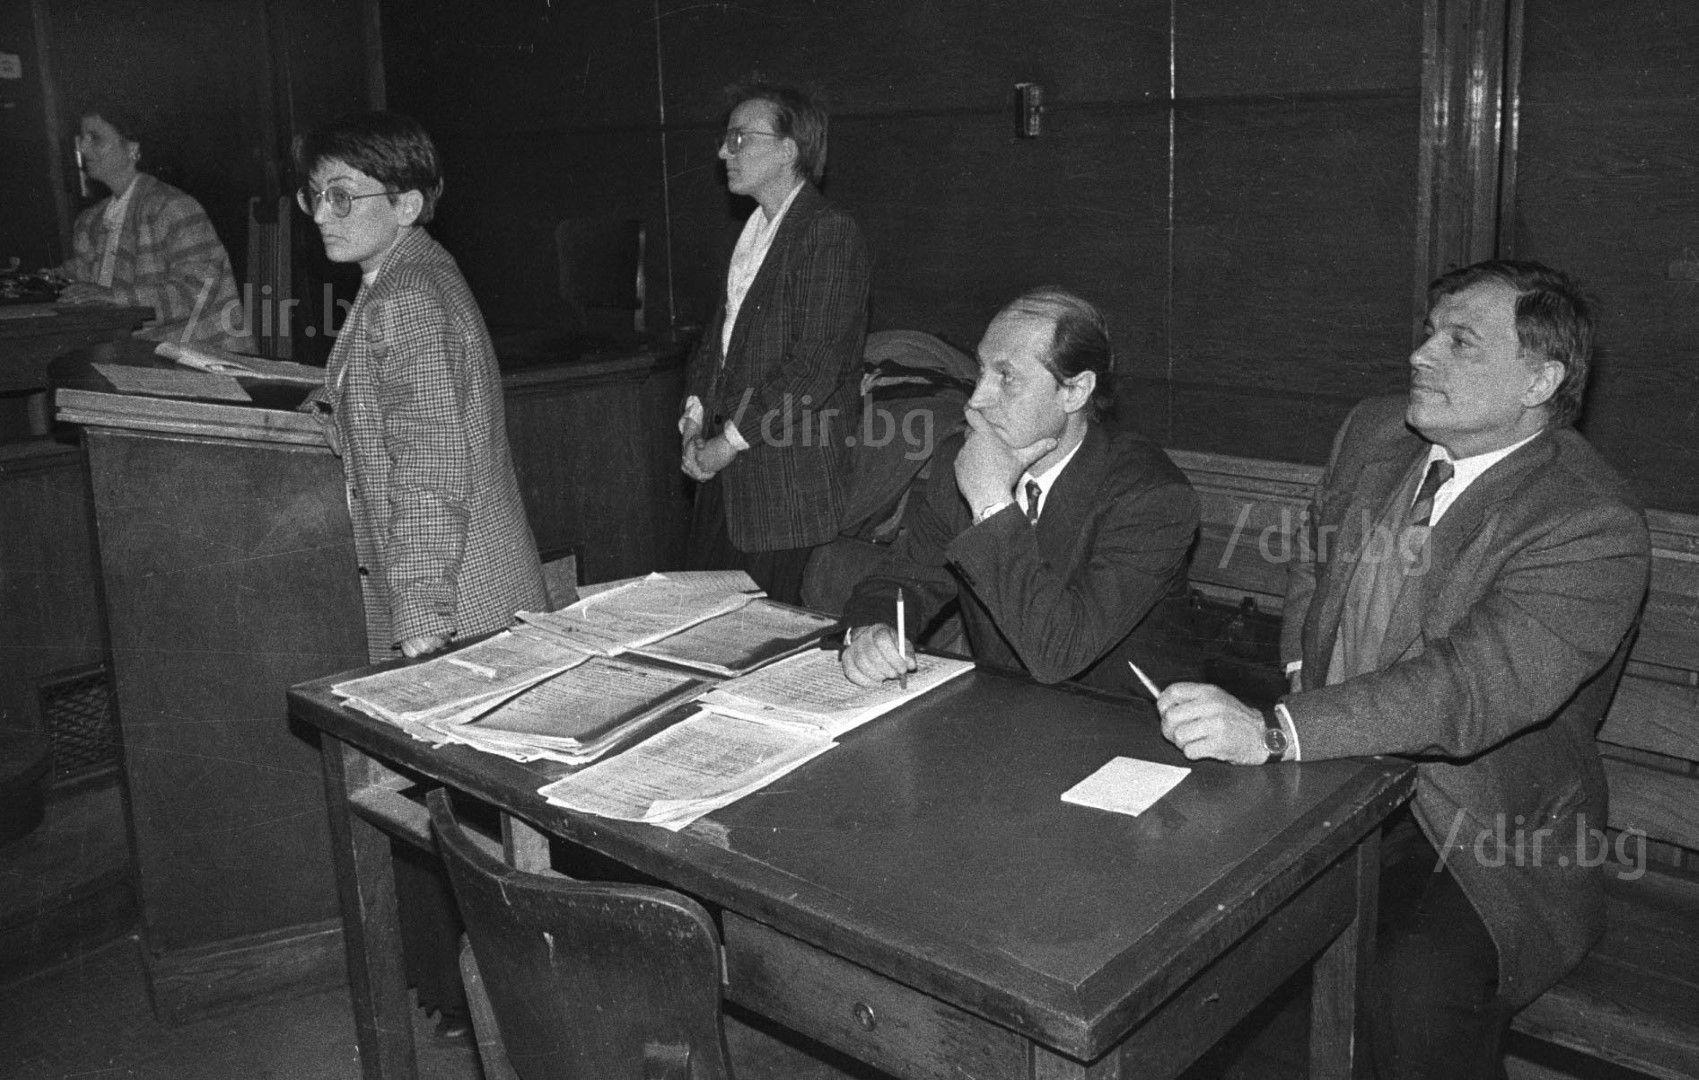 Като подсъдим на делото за незаконно притежаване на оръжие, адвокати са му Ина Лулчева и Георги Гатев, 12 март 1996 г. / Снимка: Иван Григоров /